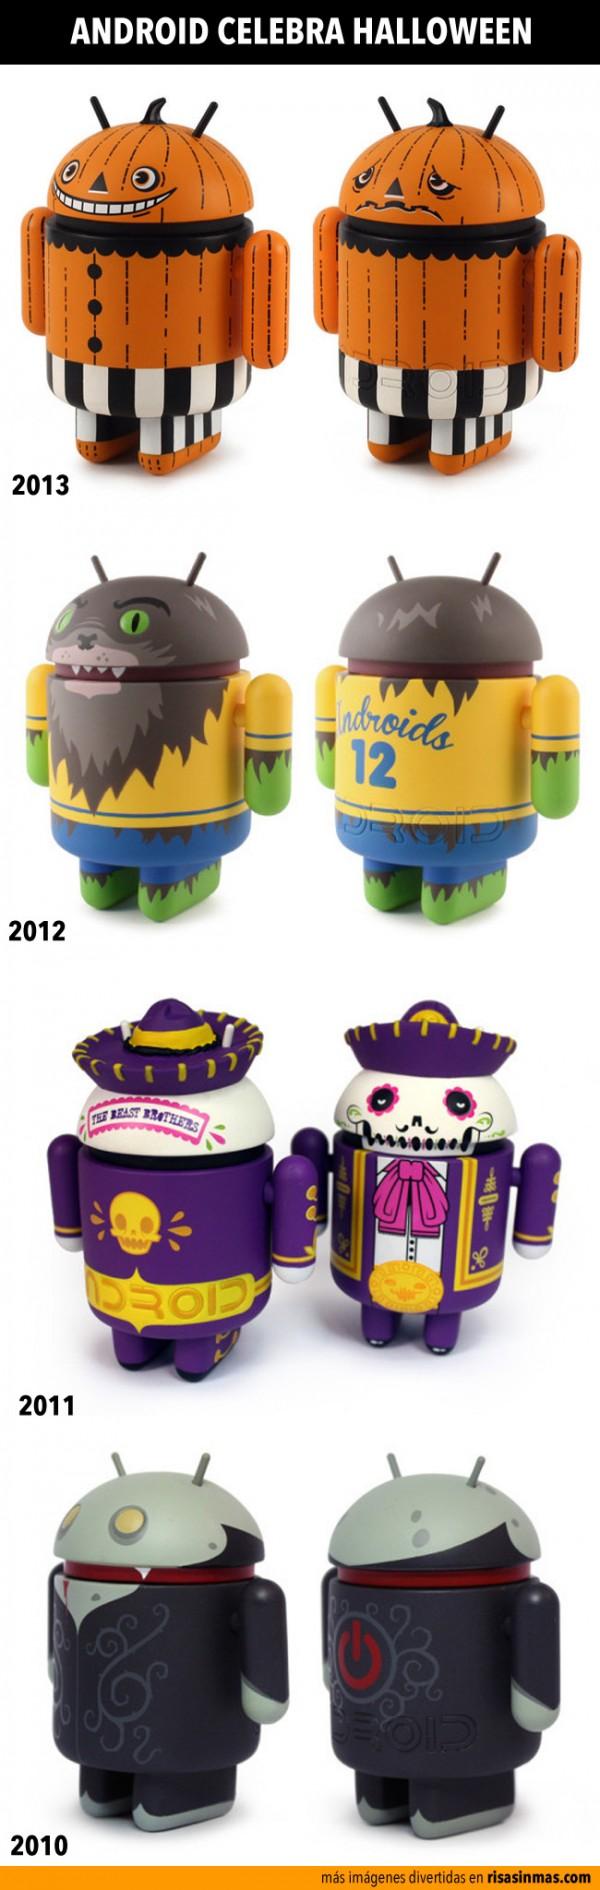 Android celebra Halloween